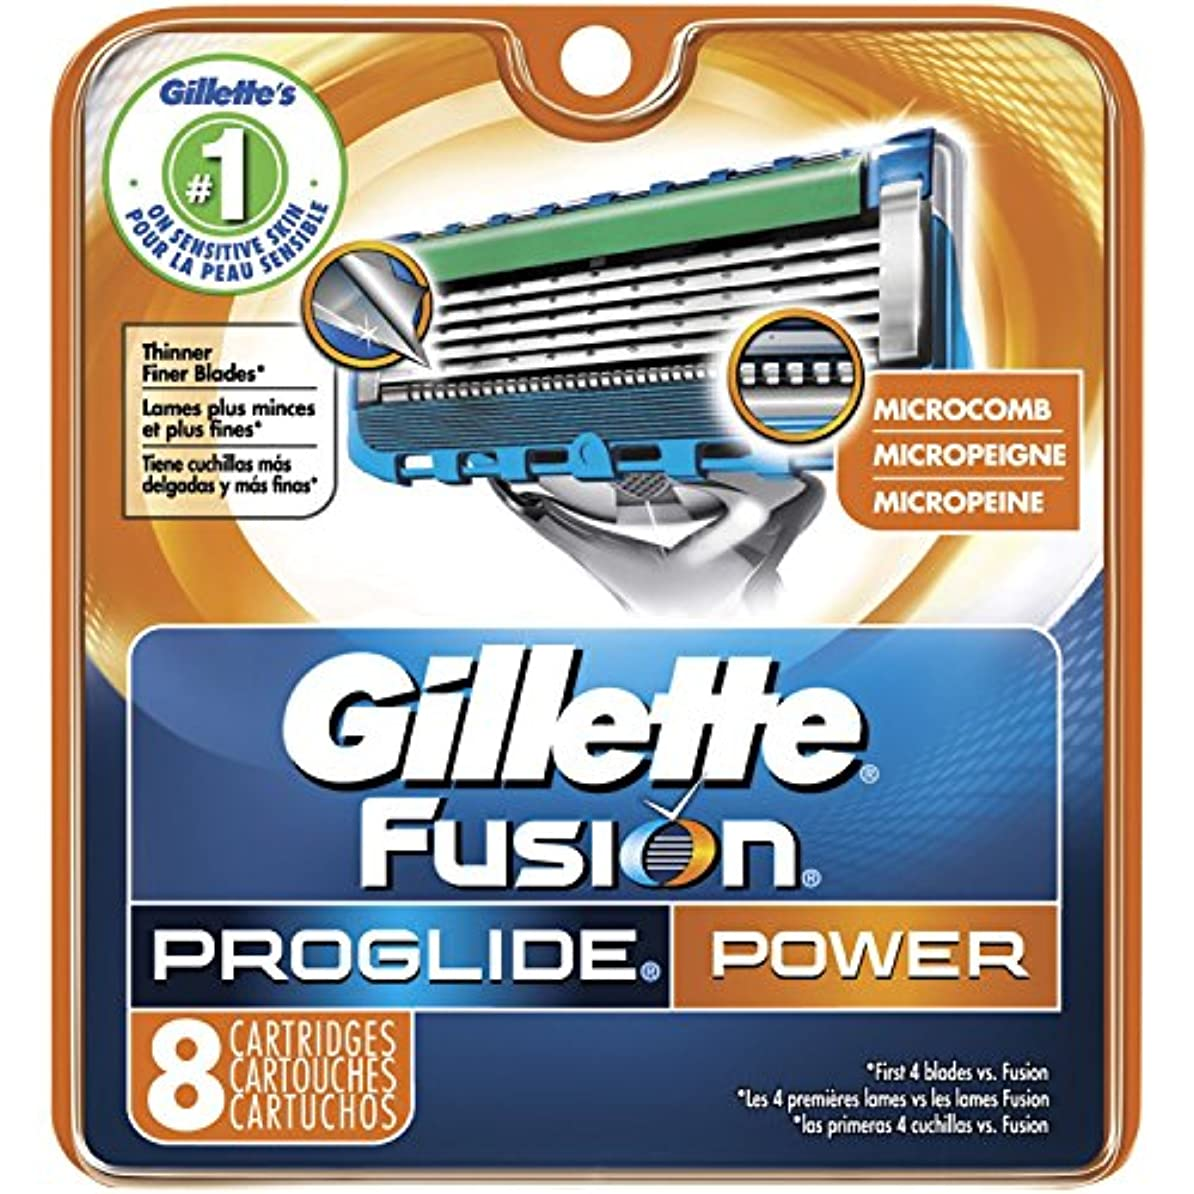 ノミネート愛するGillette Fusion PROGLIDE POWER Razor Blades Refills ドイツ8パック製 [並行輸入品]